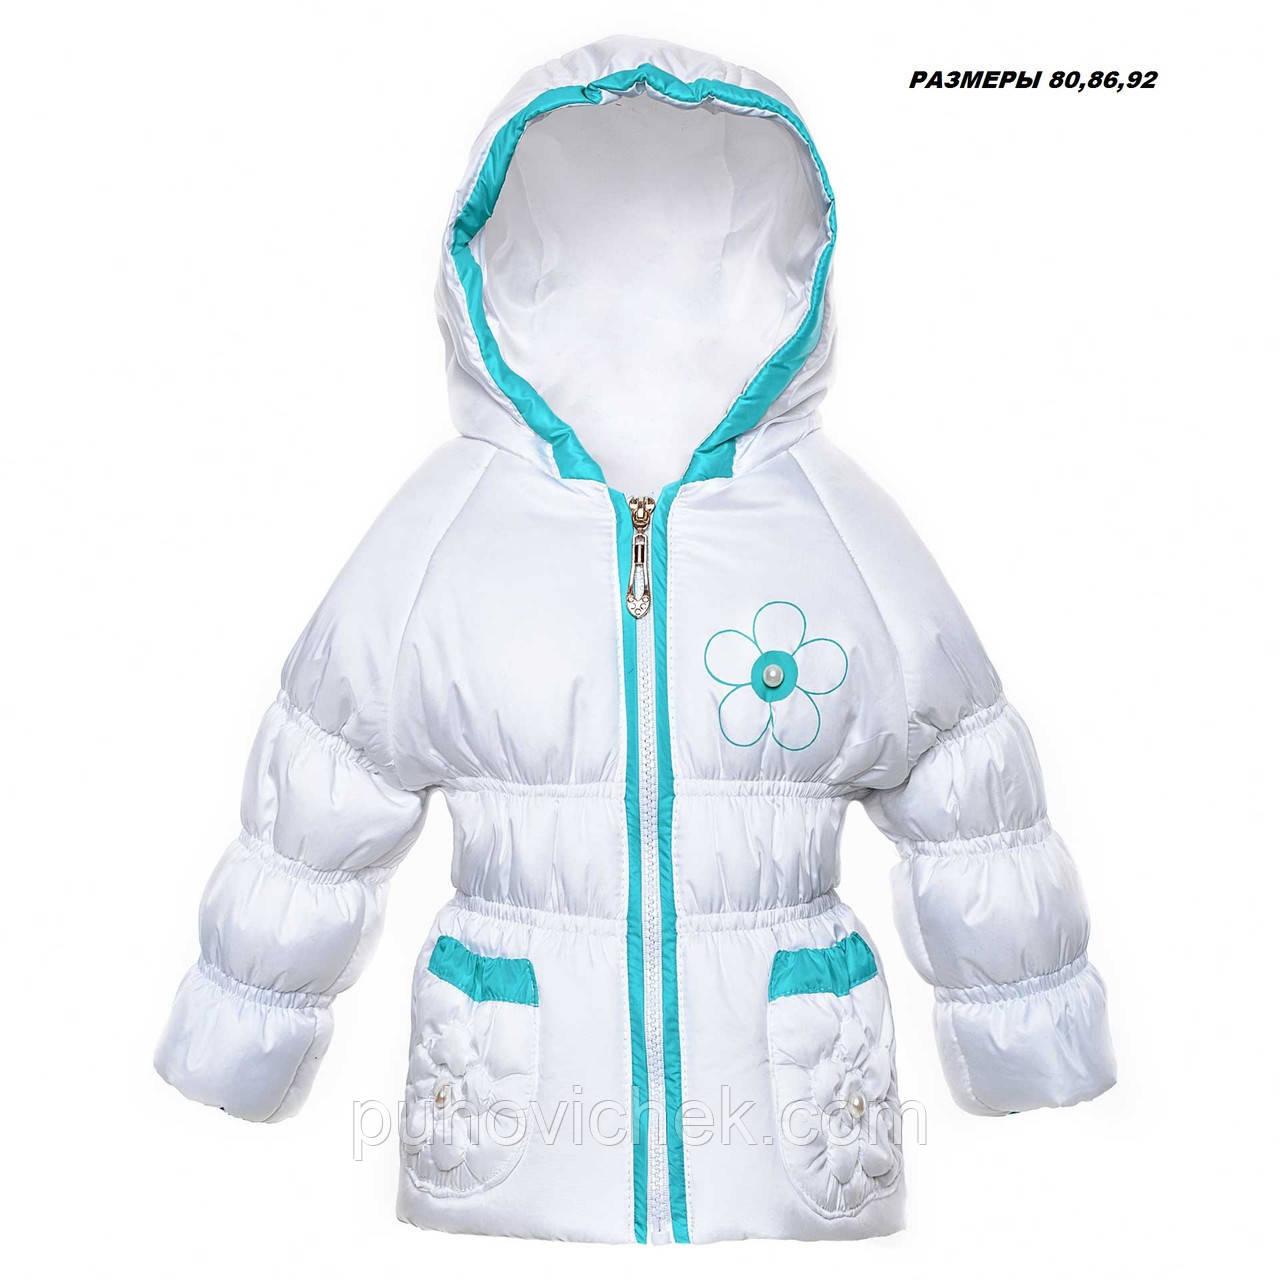 Красивая куртка для девочки весна осень с капюшоном